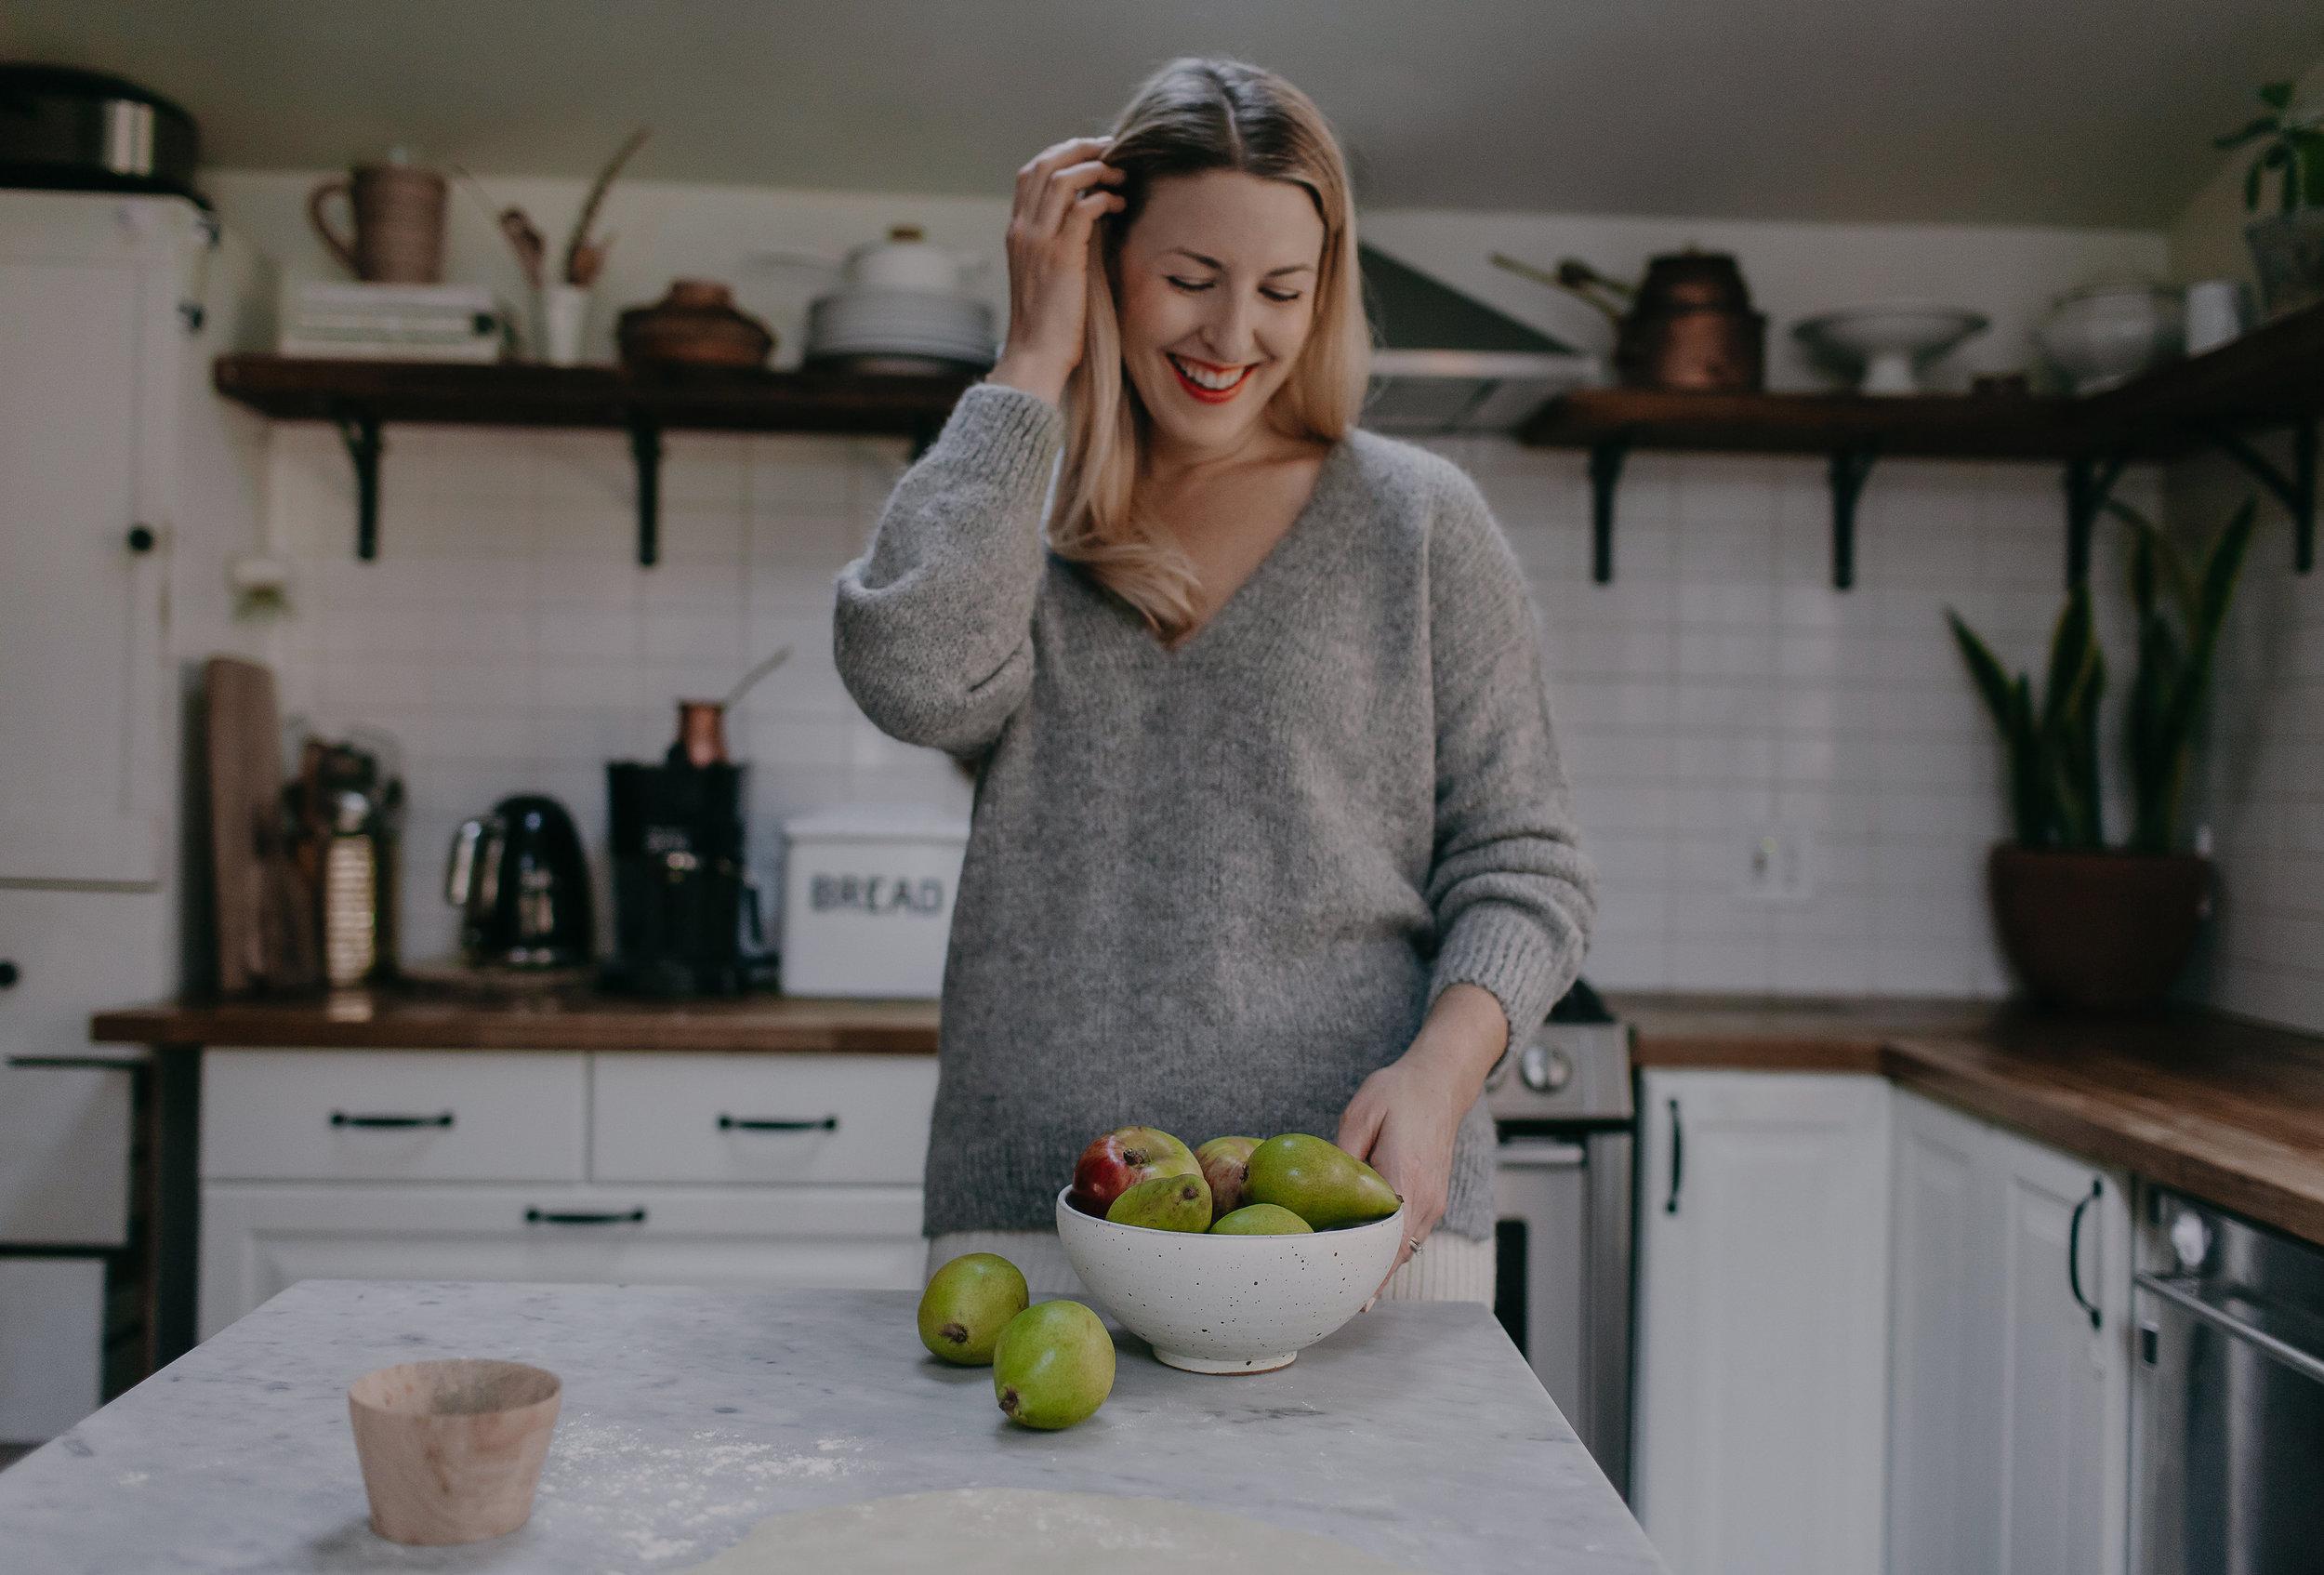 Sarah wears  Talia vee sweater  in melange grey, made in Peru in baby alpaca yarn